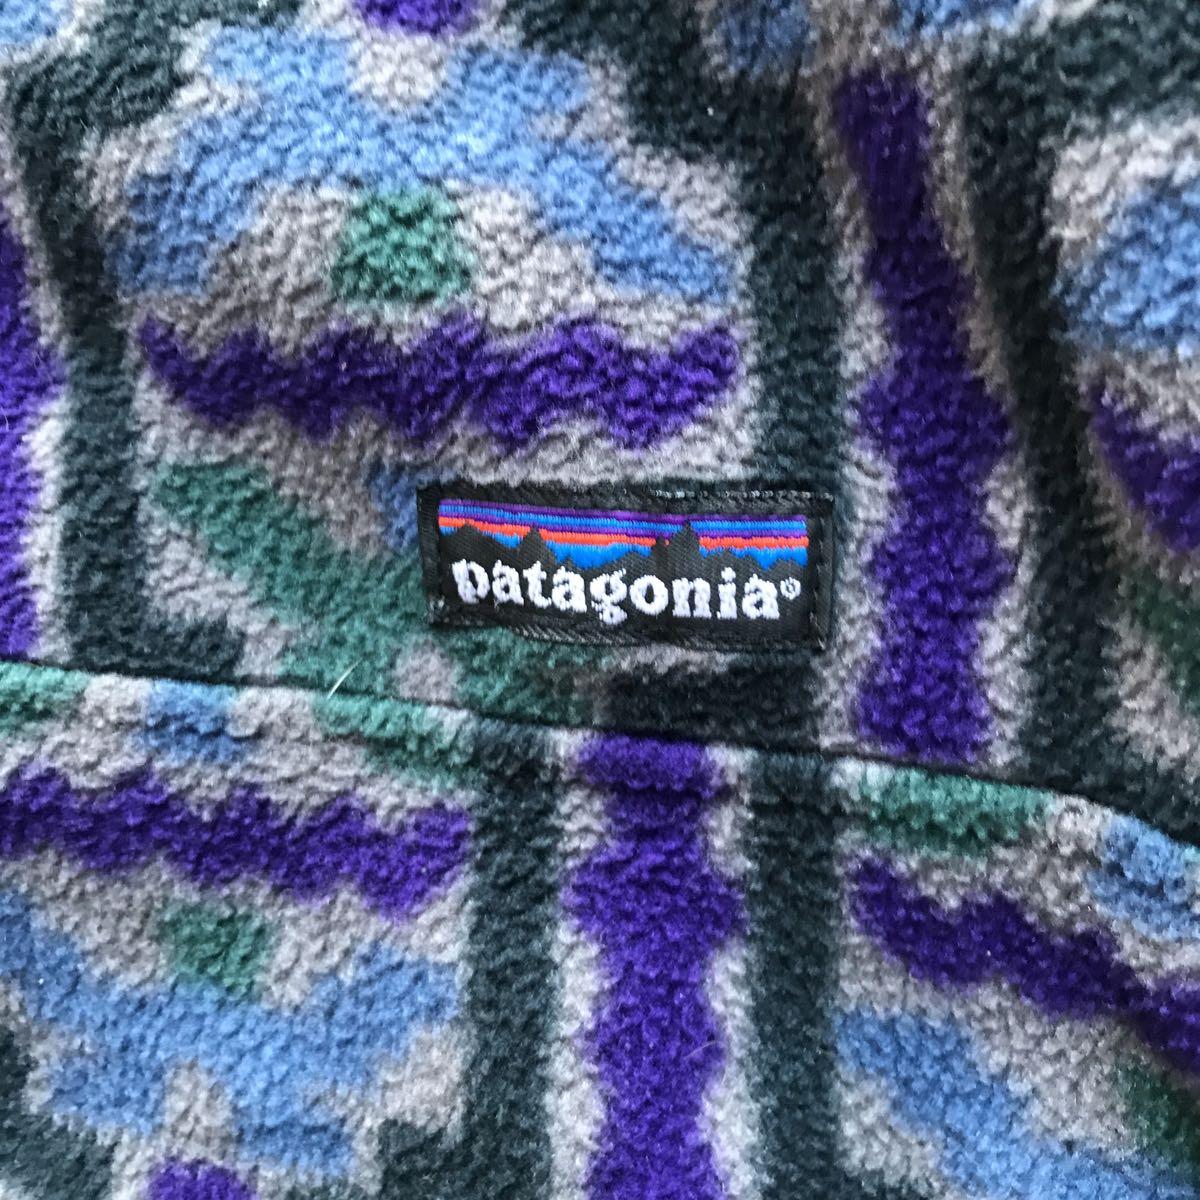 【雪無し】パタゴニア patagonia プリンテッド シンチラ スナップT 93年USA製 サイズ XL テウルチェ/グレー柄 検 レトロ ダス_画像2